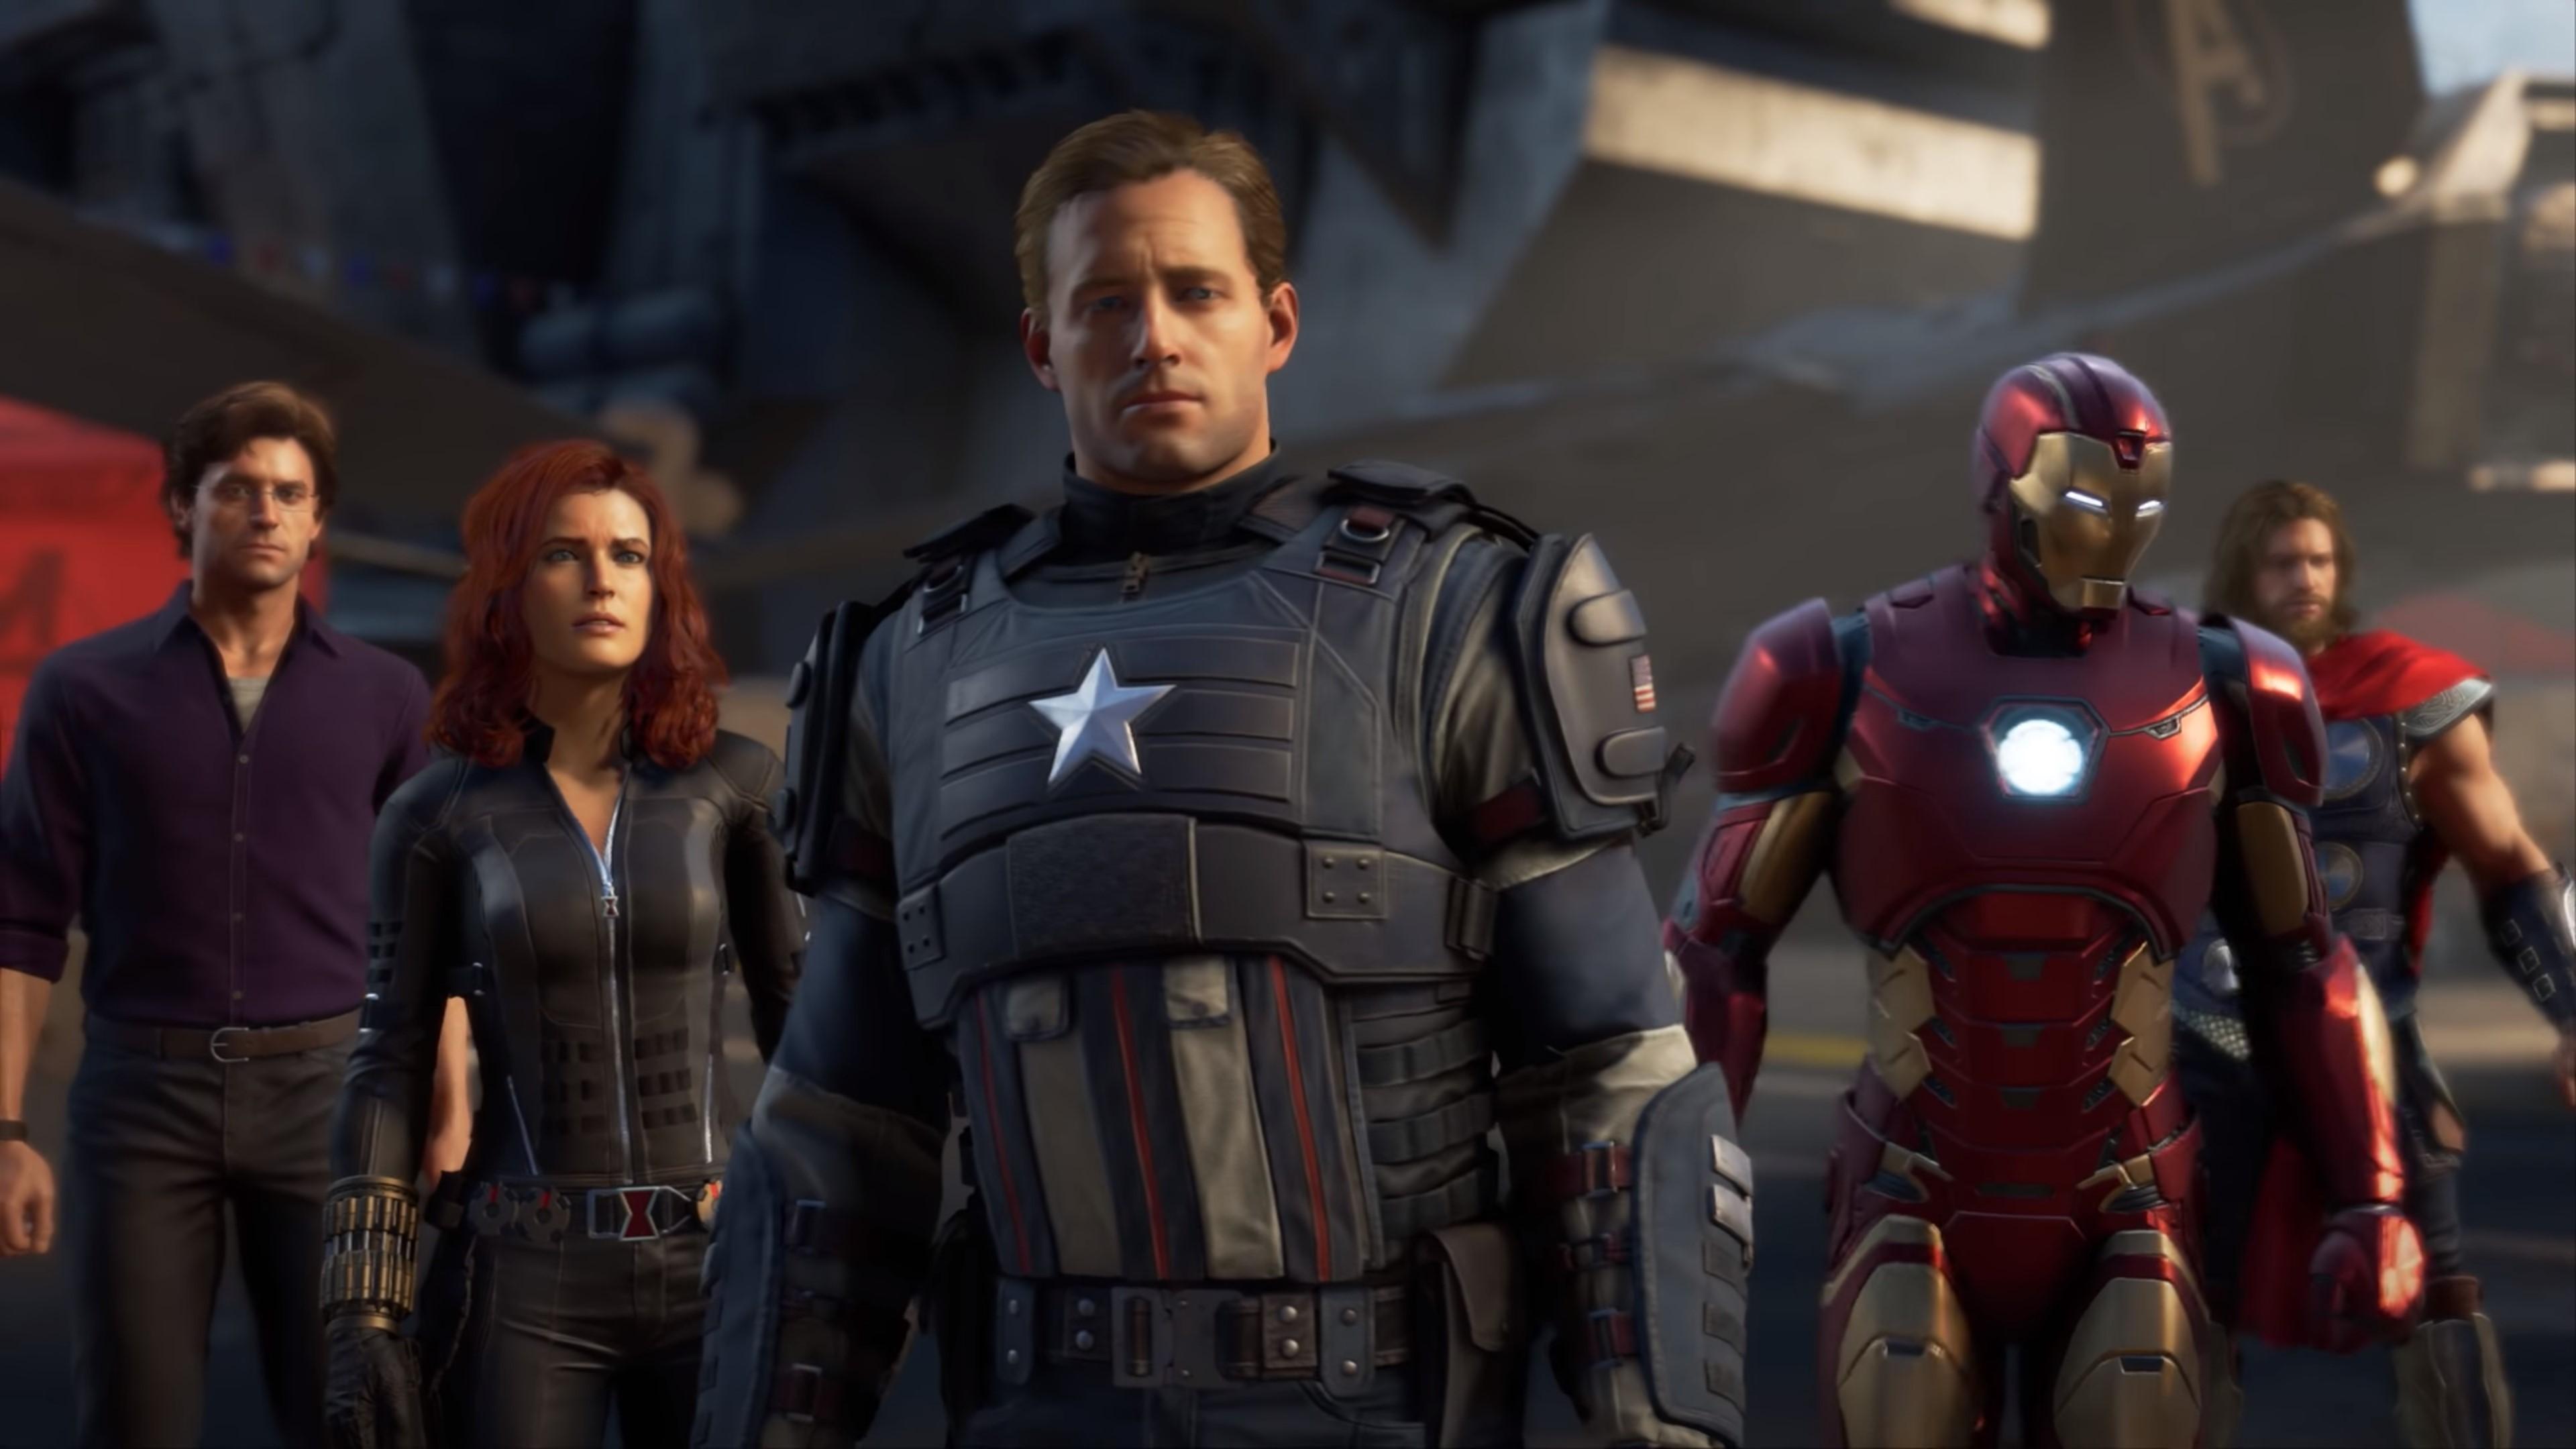 《漫威复仇者联盟》地表最爽英雄电玩!美国队长领便当,轮到我们拯救英雄!